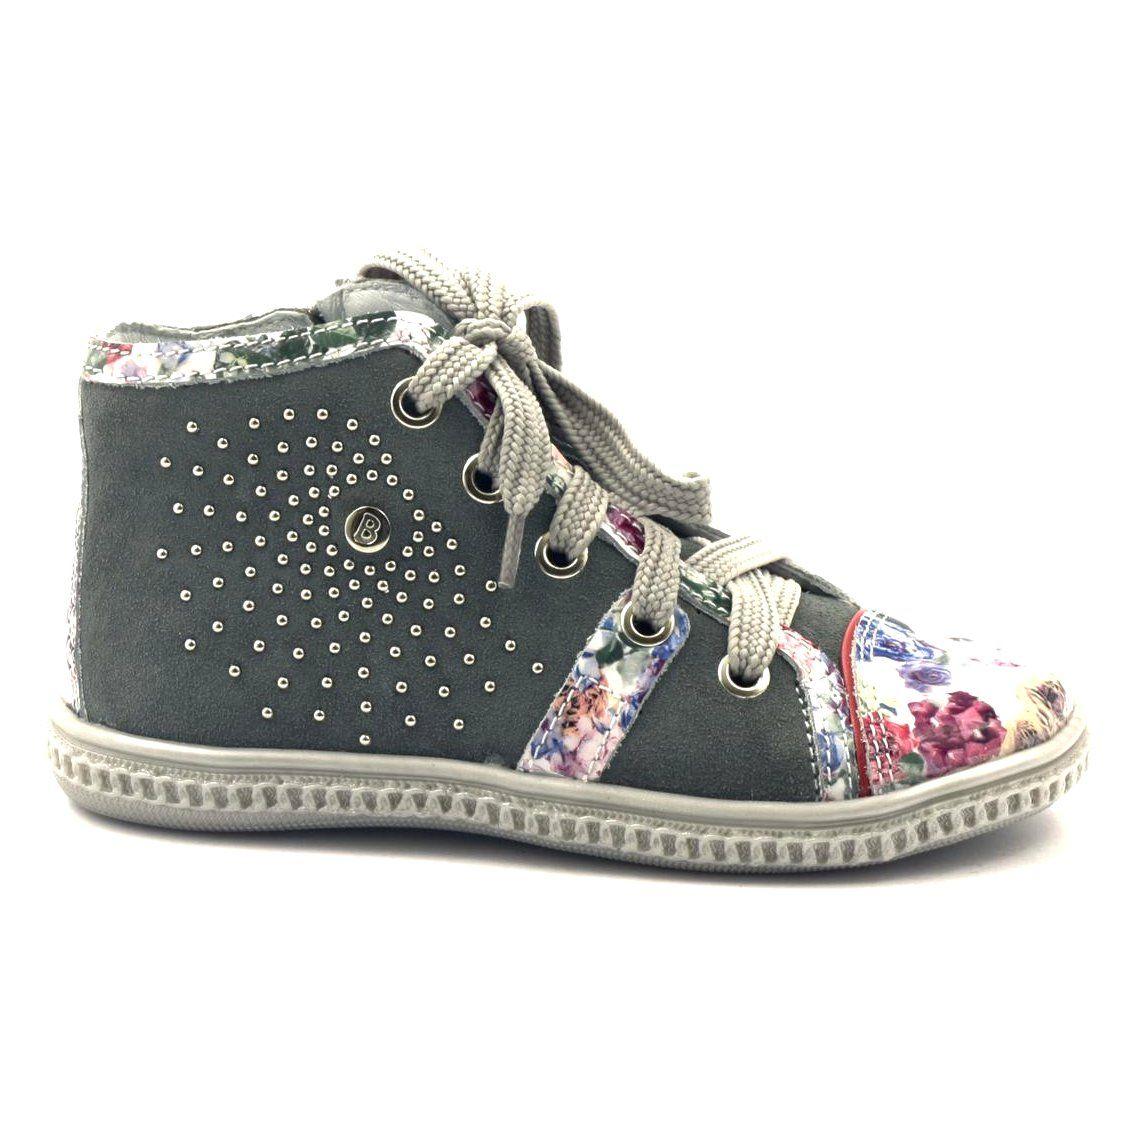 Trzewiki Buty Dzieciece Z Dzetami Bartek 87254 Rozowe Szare Childrens Leather Shoes Kid Shoes Girls Shoes